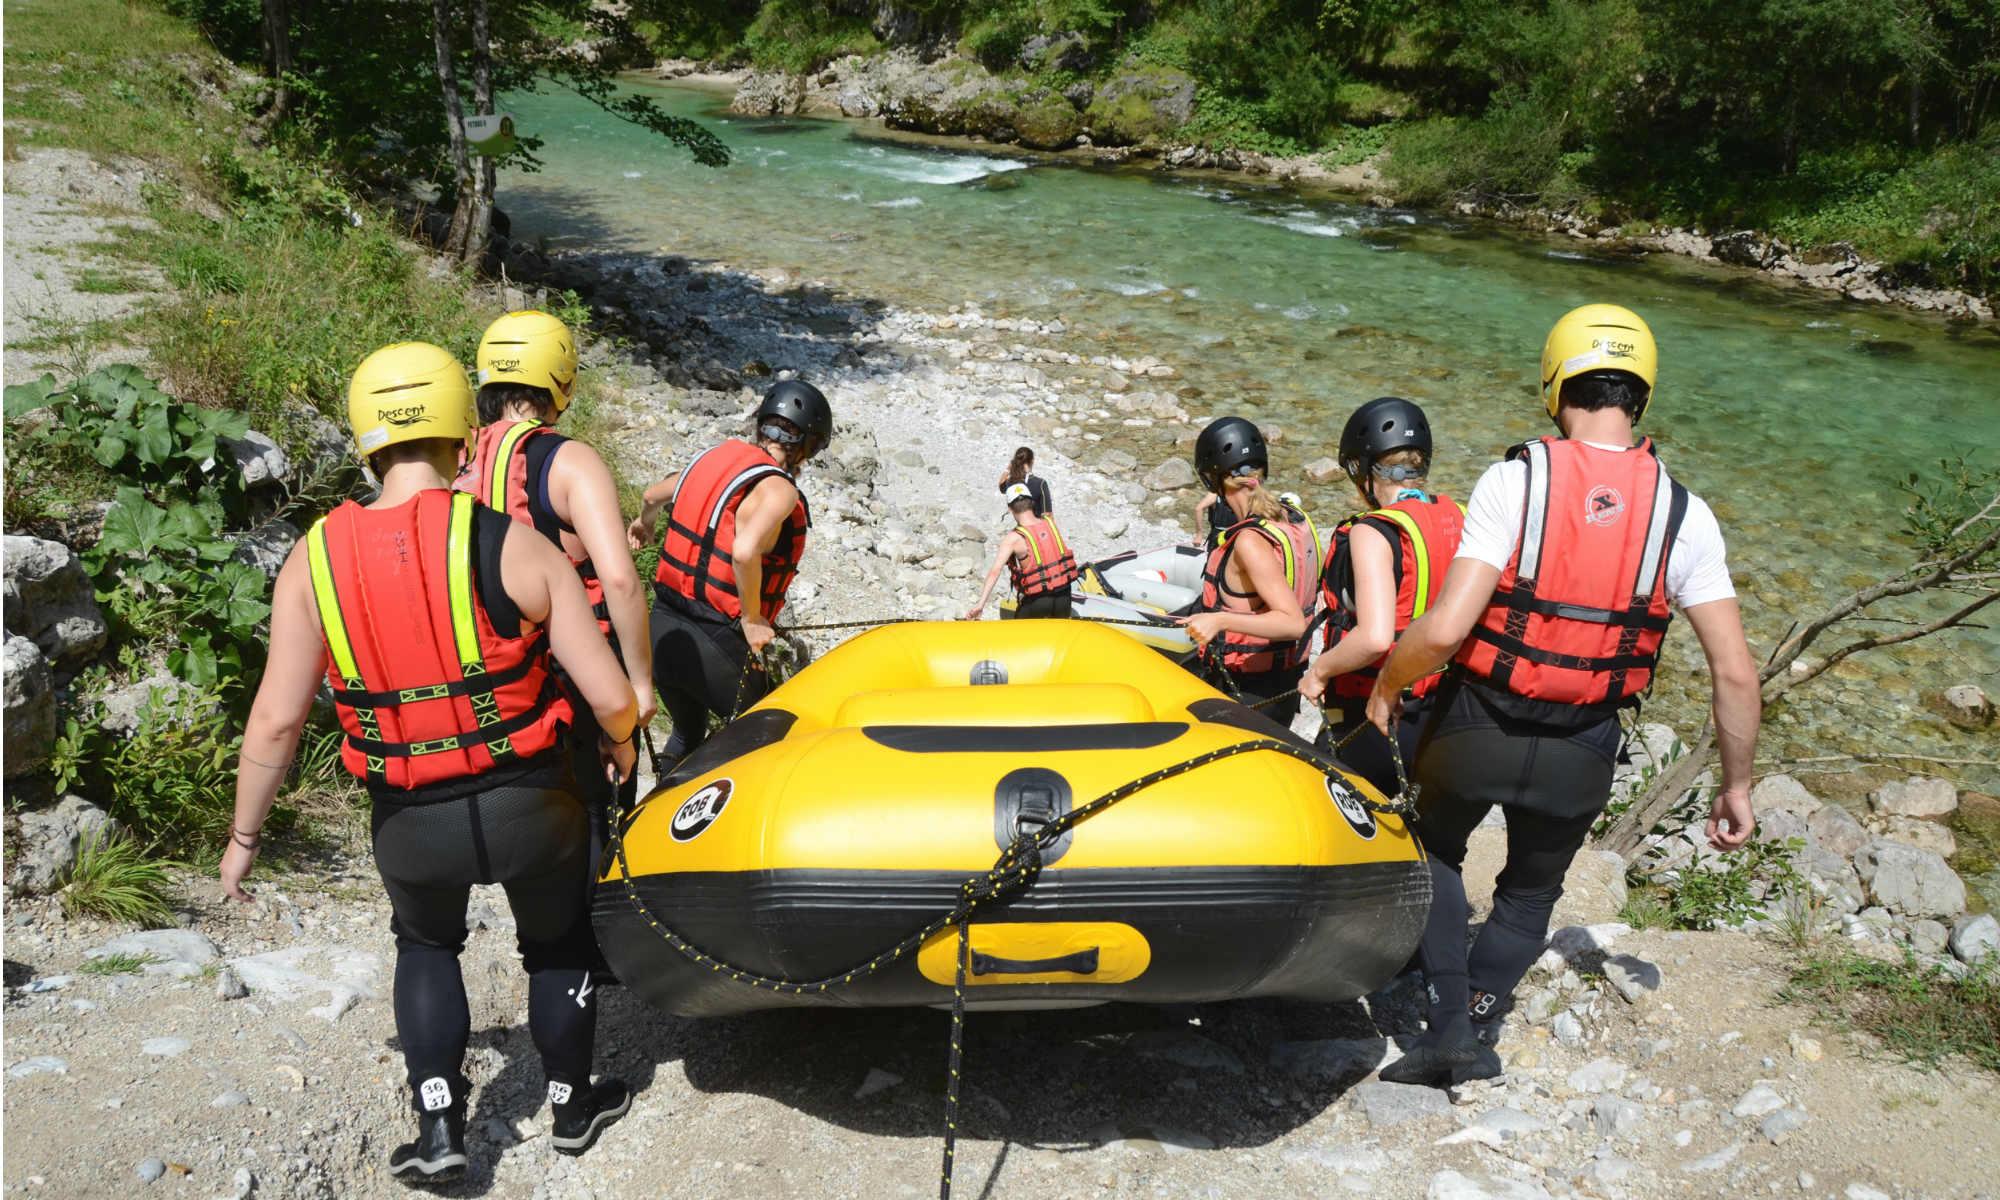 Un gruppo porta il raft vicino alla riva.